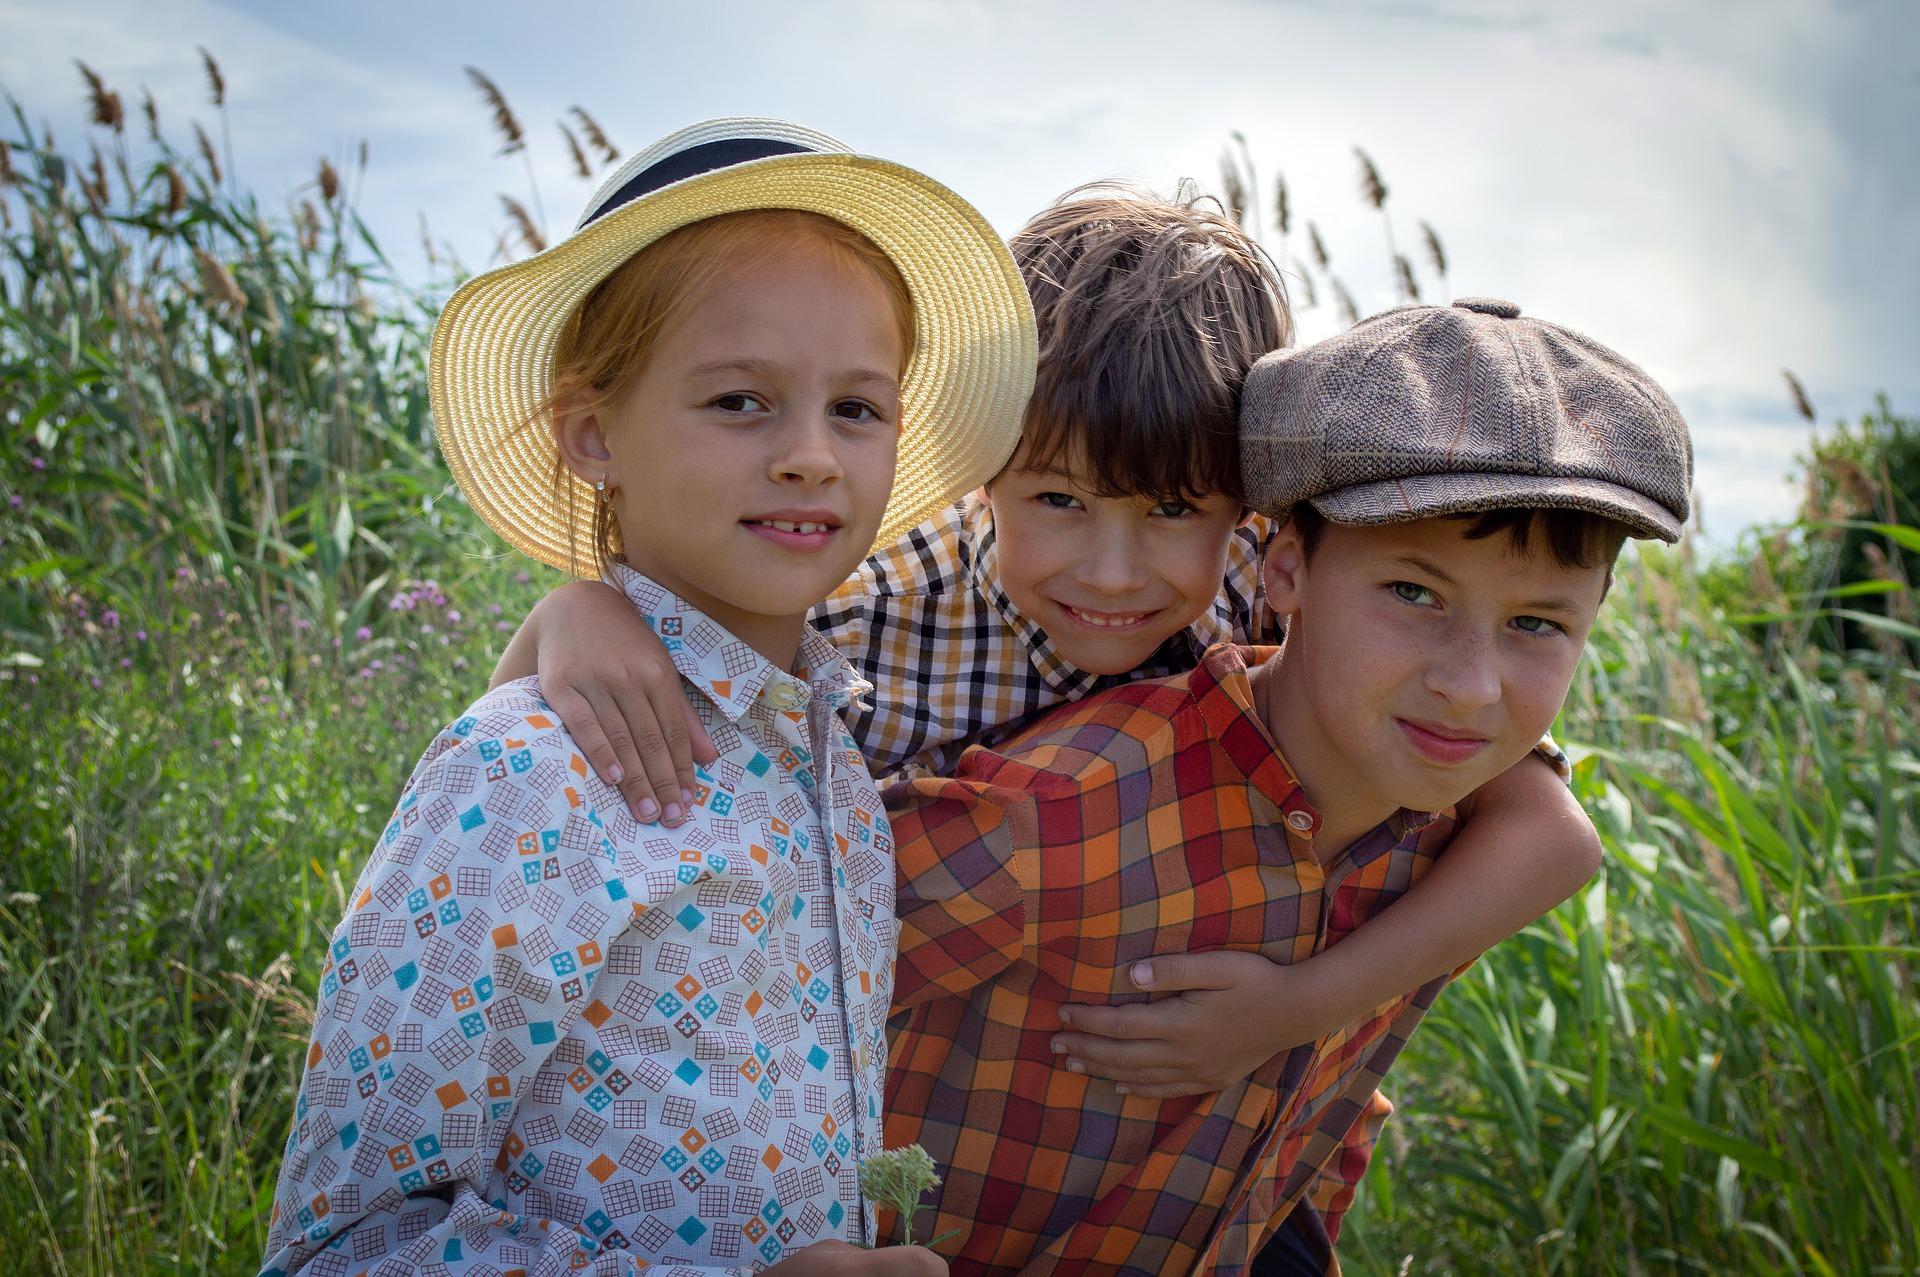 kids-6391868_1920